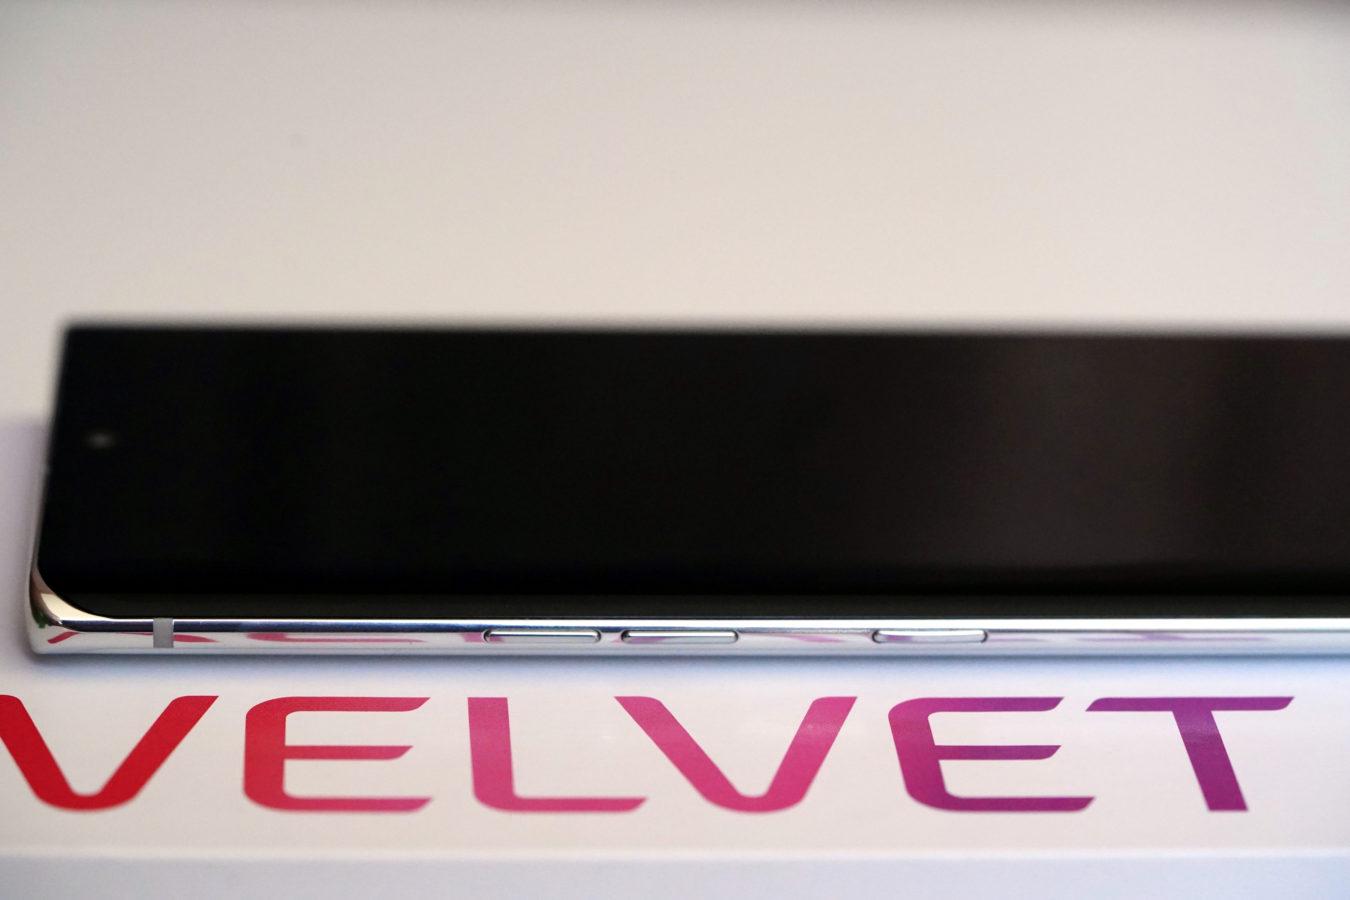 Recenzja LG Velvet. Żarty z papieru na bok - to naprawdę fajny smartfon